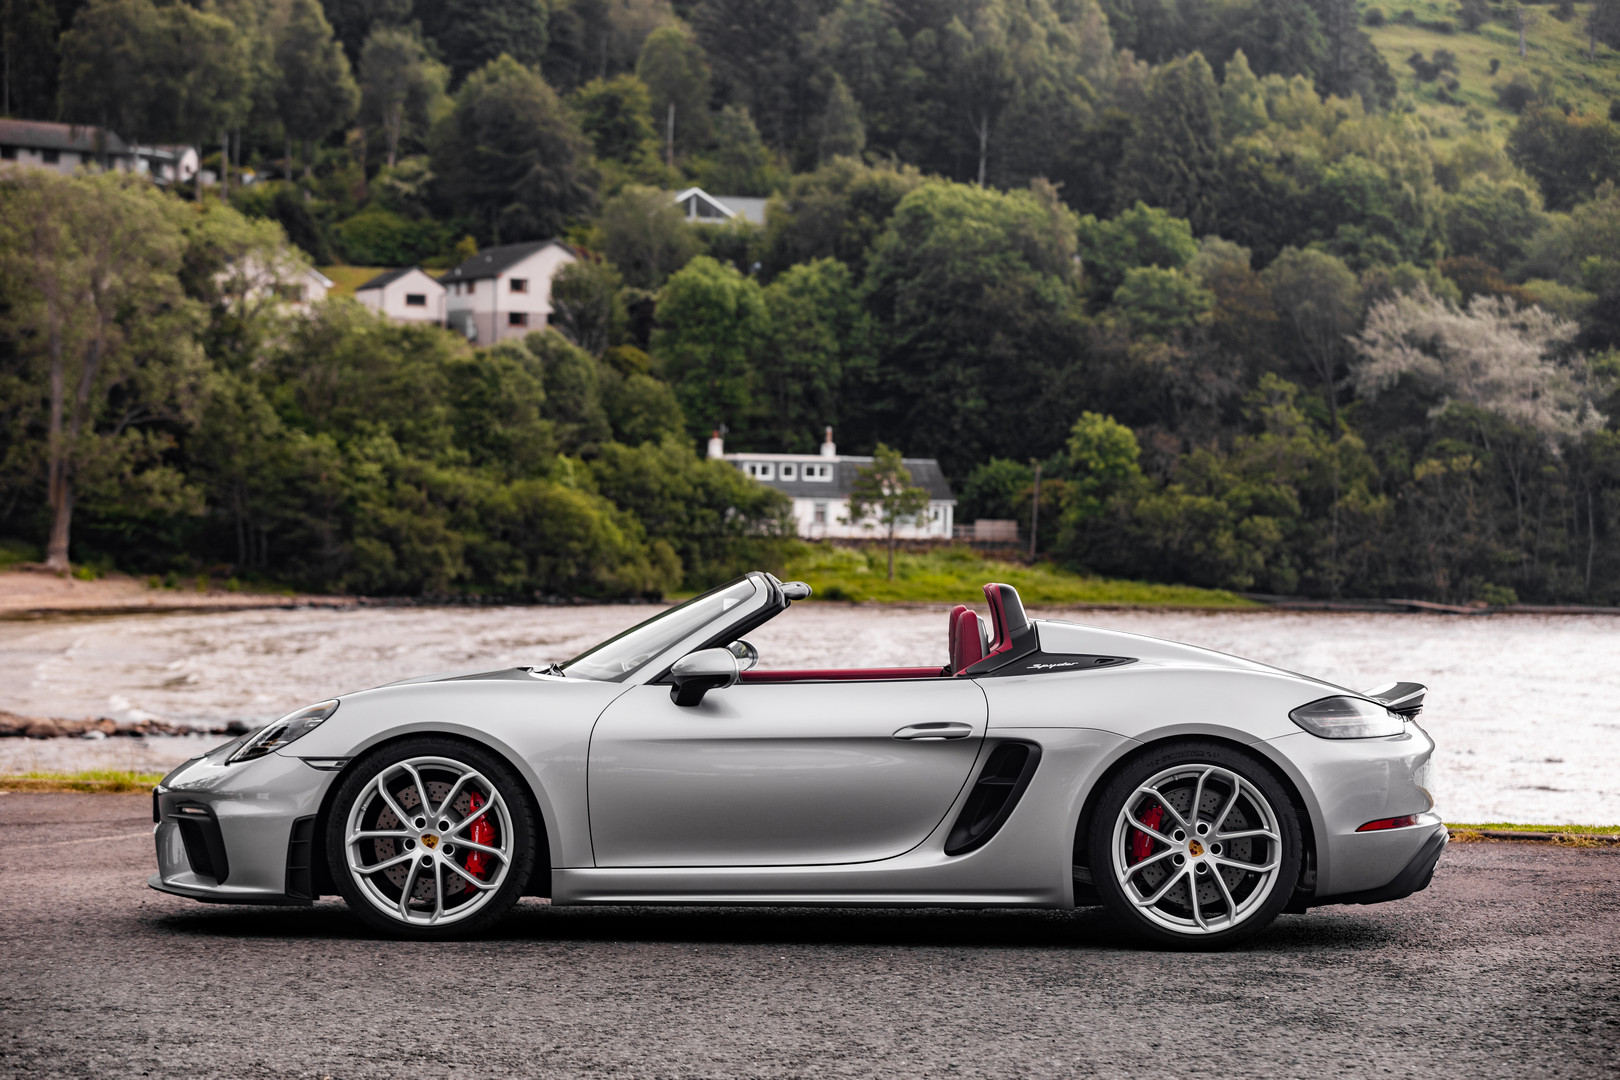 Porsche 718 Spyder Side View